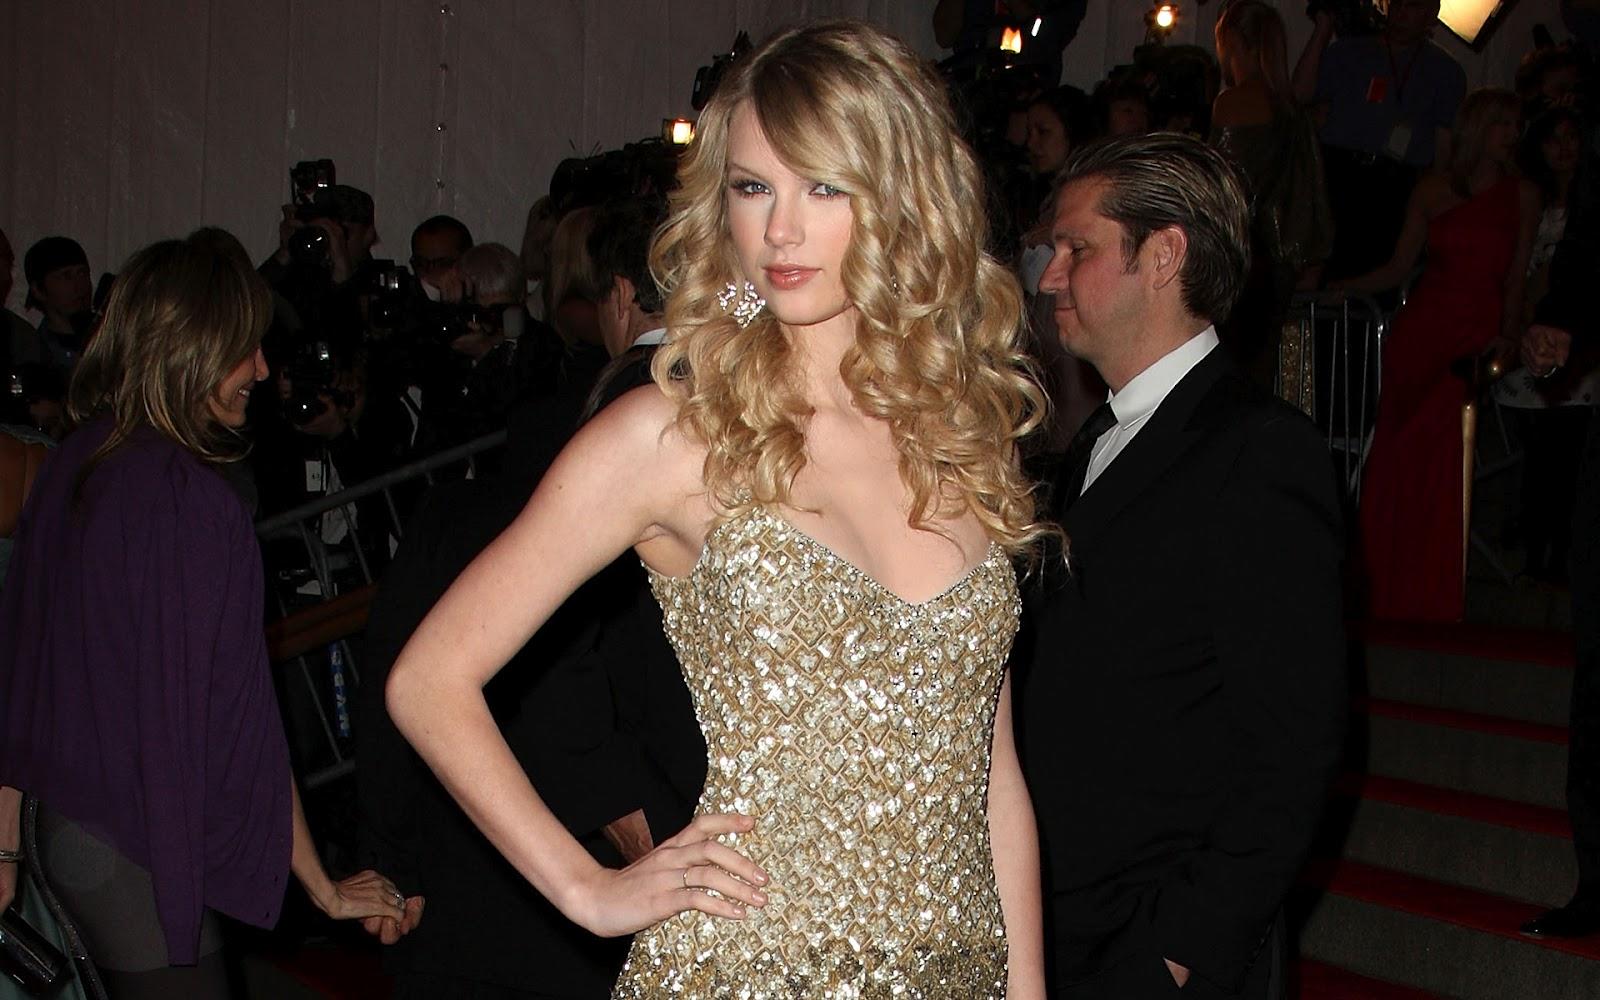 http://3.bp.blogspot.com/-vUZpU_of1pg/T0lu2_nXR5I/AAAAAAAADjQ/h4ben3CTq0A/s1600/Taylor+Swift+007.jpg